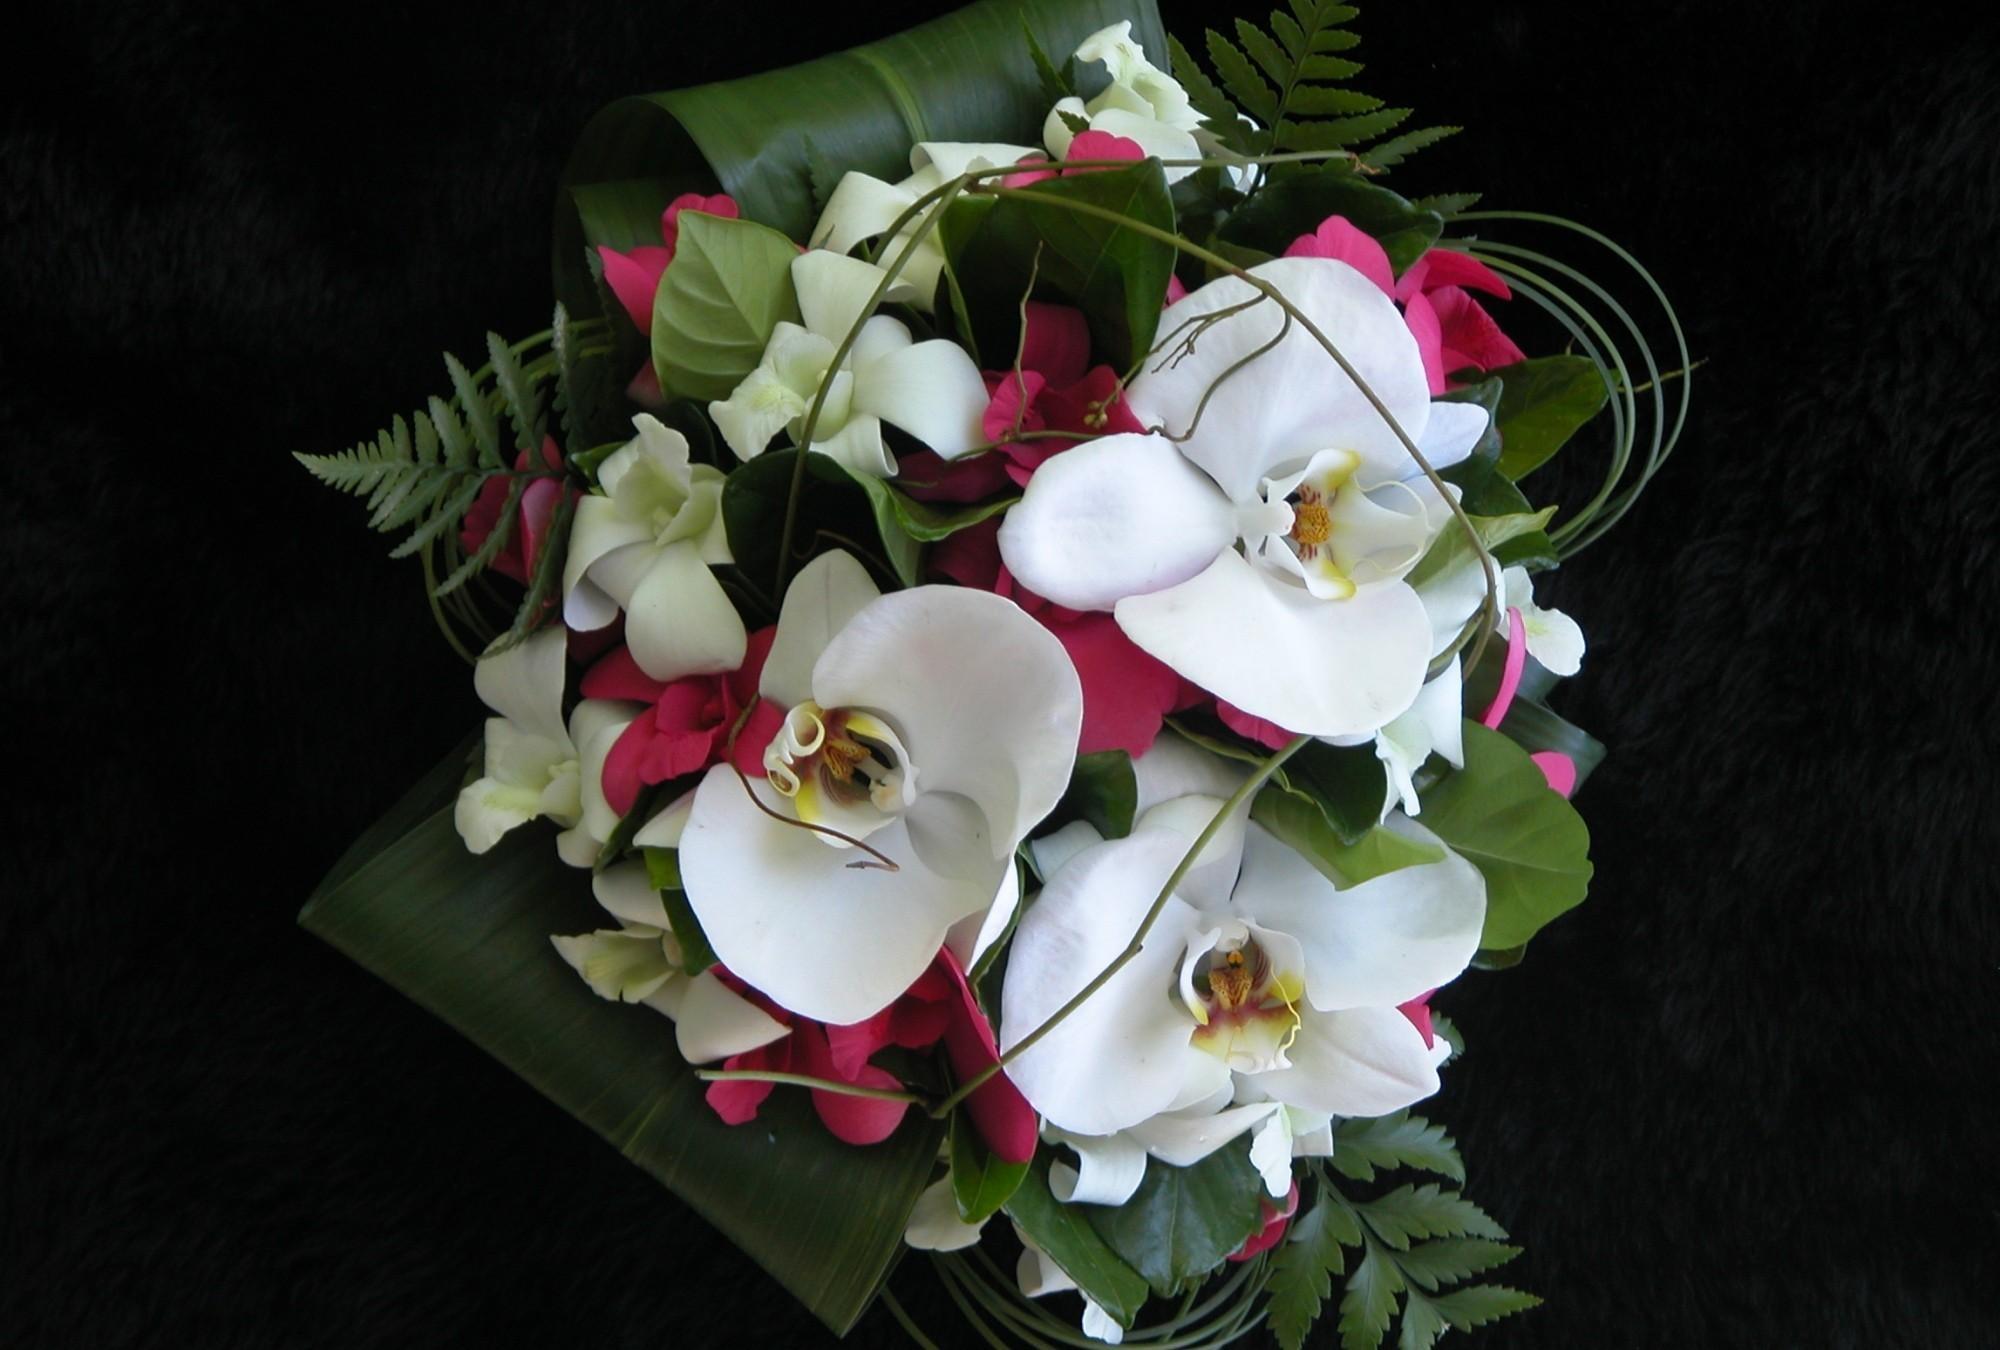 неизвестного зверя букеты из орхидей необычные фото есть, если